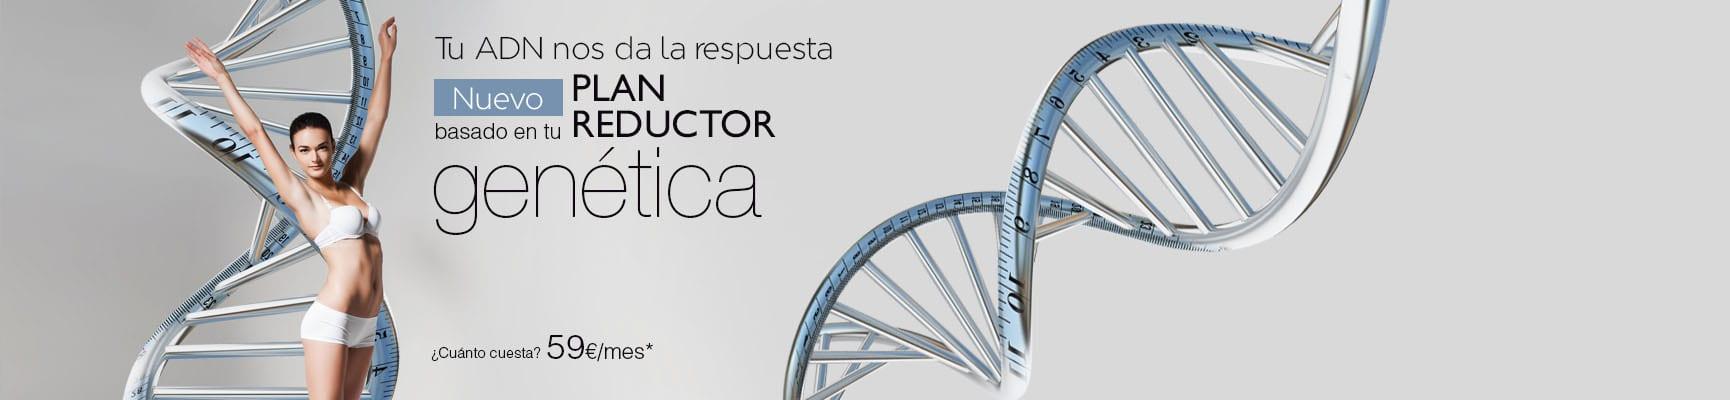 Reductor genetico Clínicas Zurich